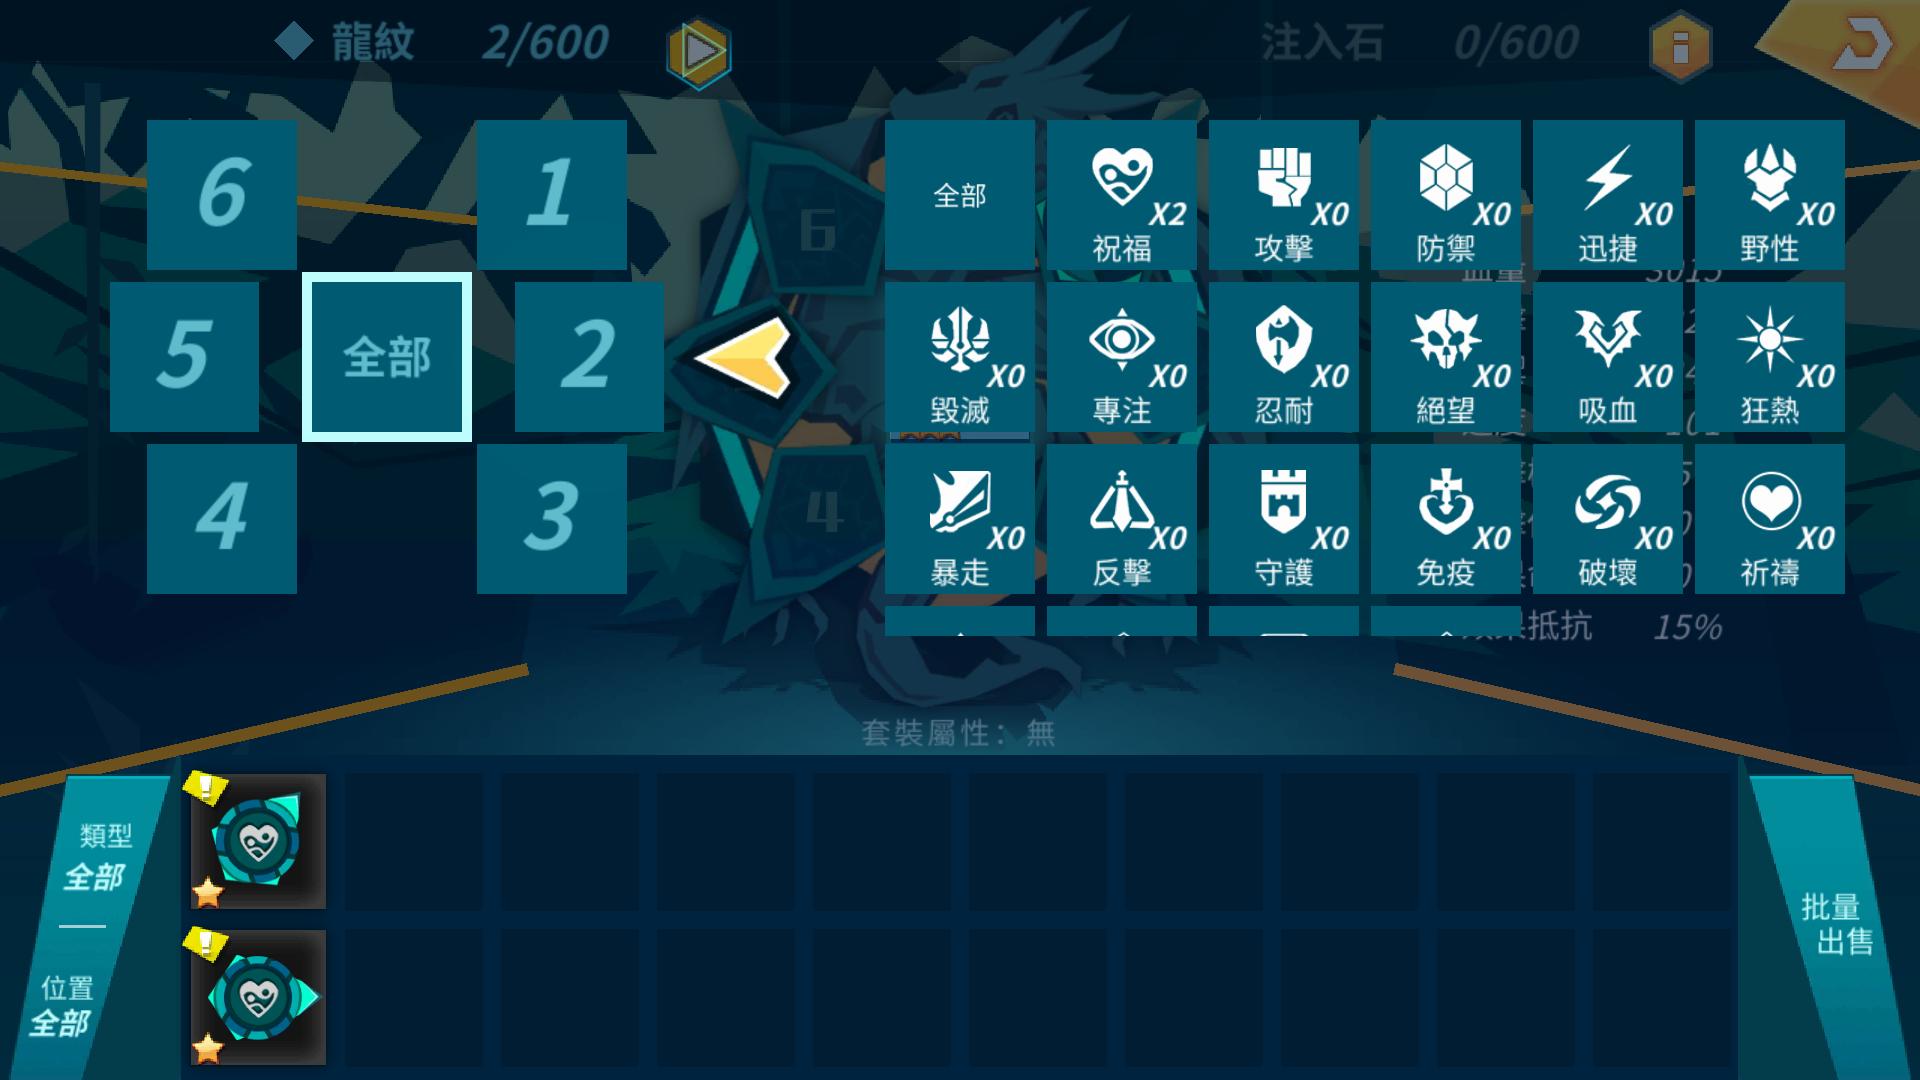 遊戲裡的「龍紋」系統直接照抄 連套裝效果也不放過